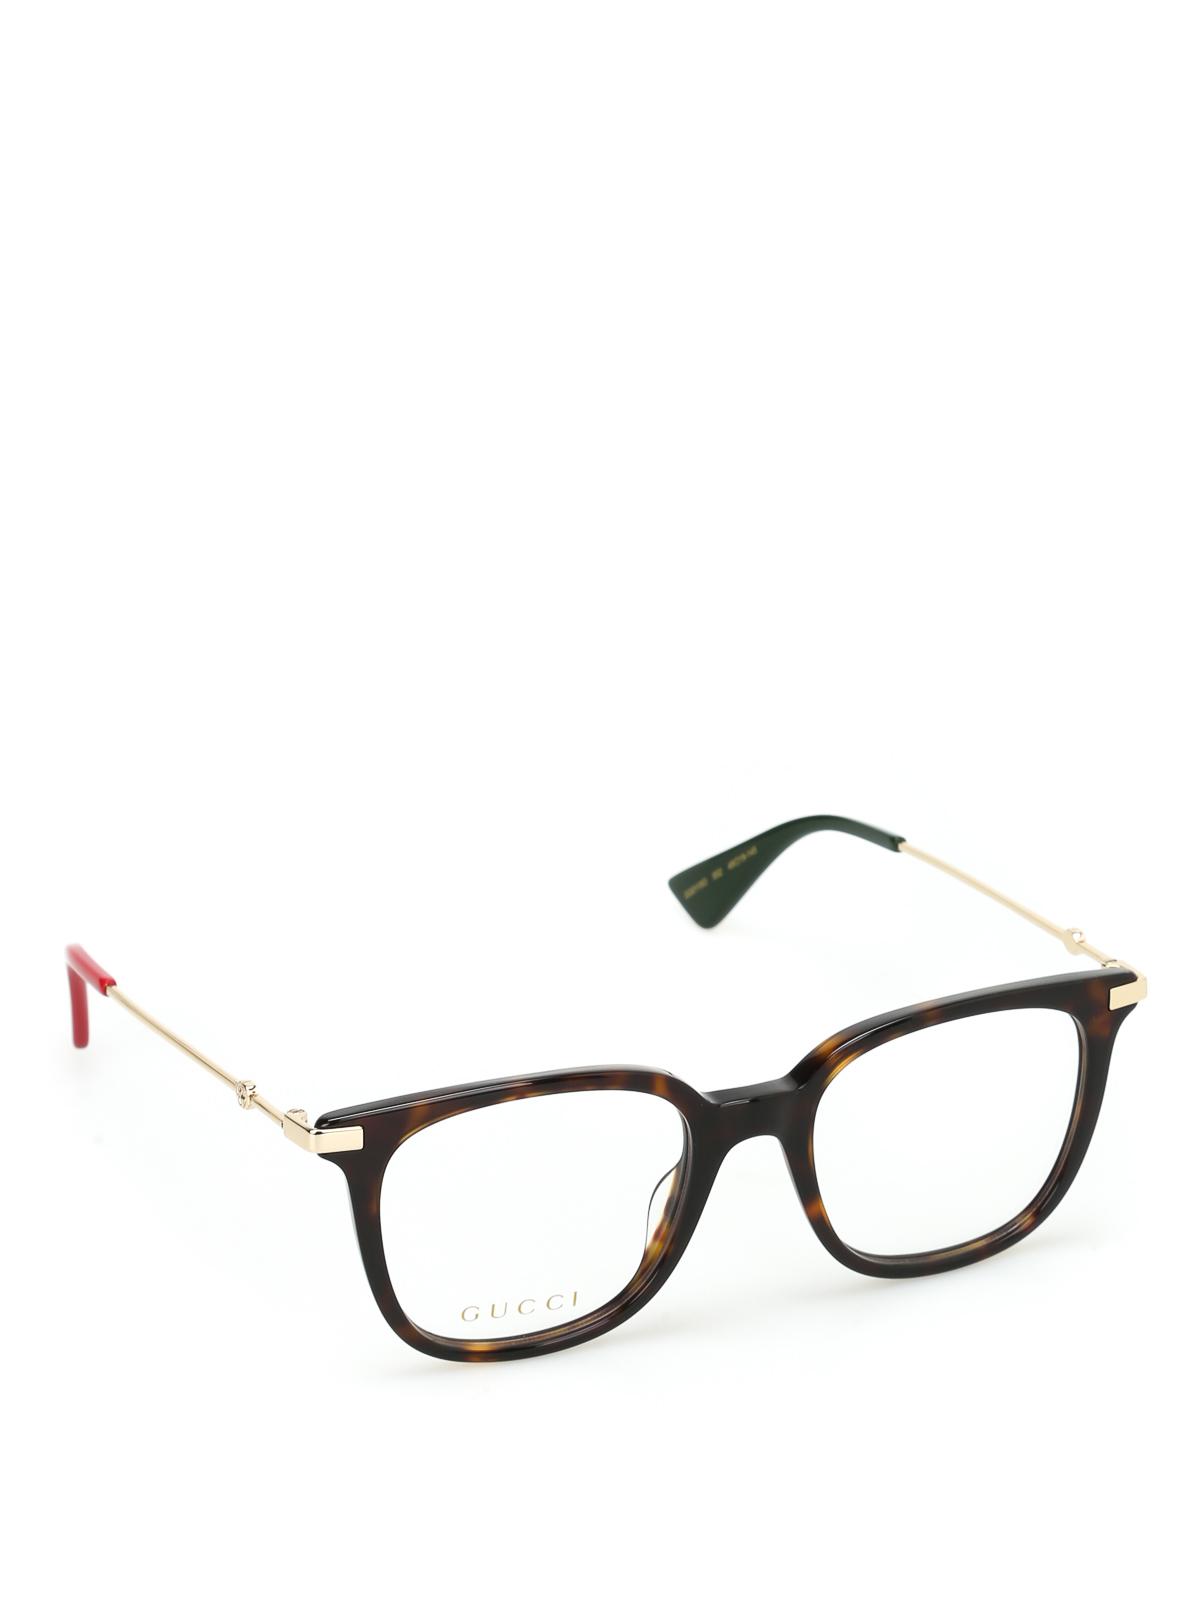 Brillen Fur Unisex - Dunkelbraun von Gucci - Brillen | iKRIX - GG0110O2